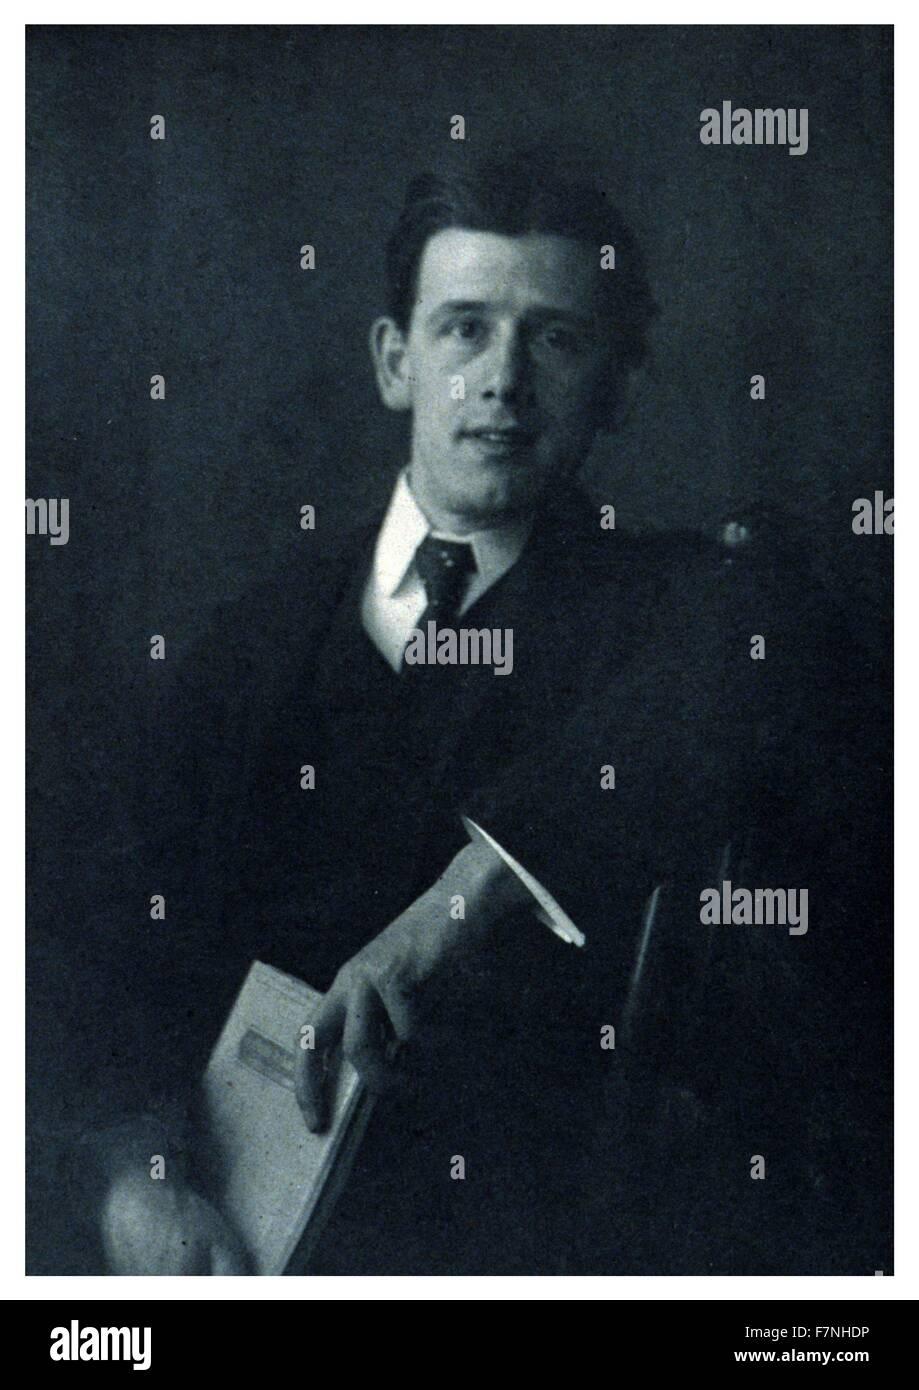 Clarence H. White (American, 1871-1925) Photographie de 1900 par Katharine Sheward Stanbery, 1870-1928. Hudson Clarence White était un photographe américain, professeur et membre fondateur du mouvement Photo-Secession. Banque D'Images